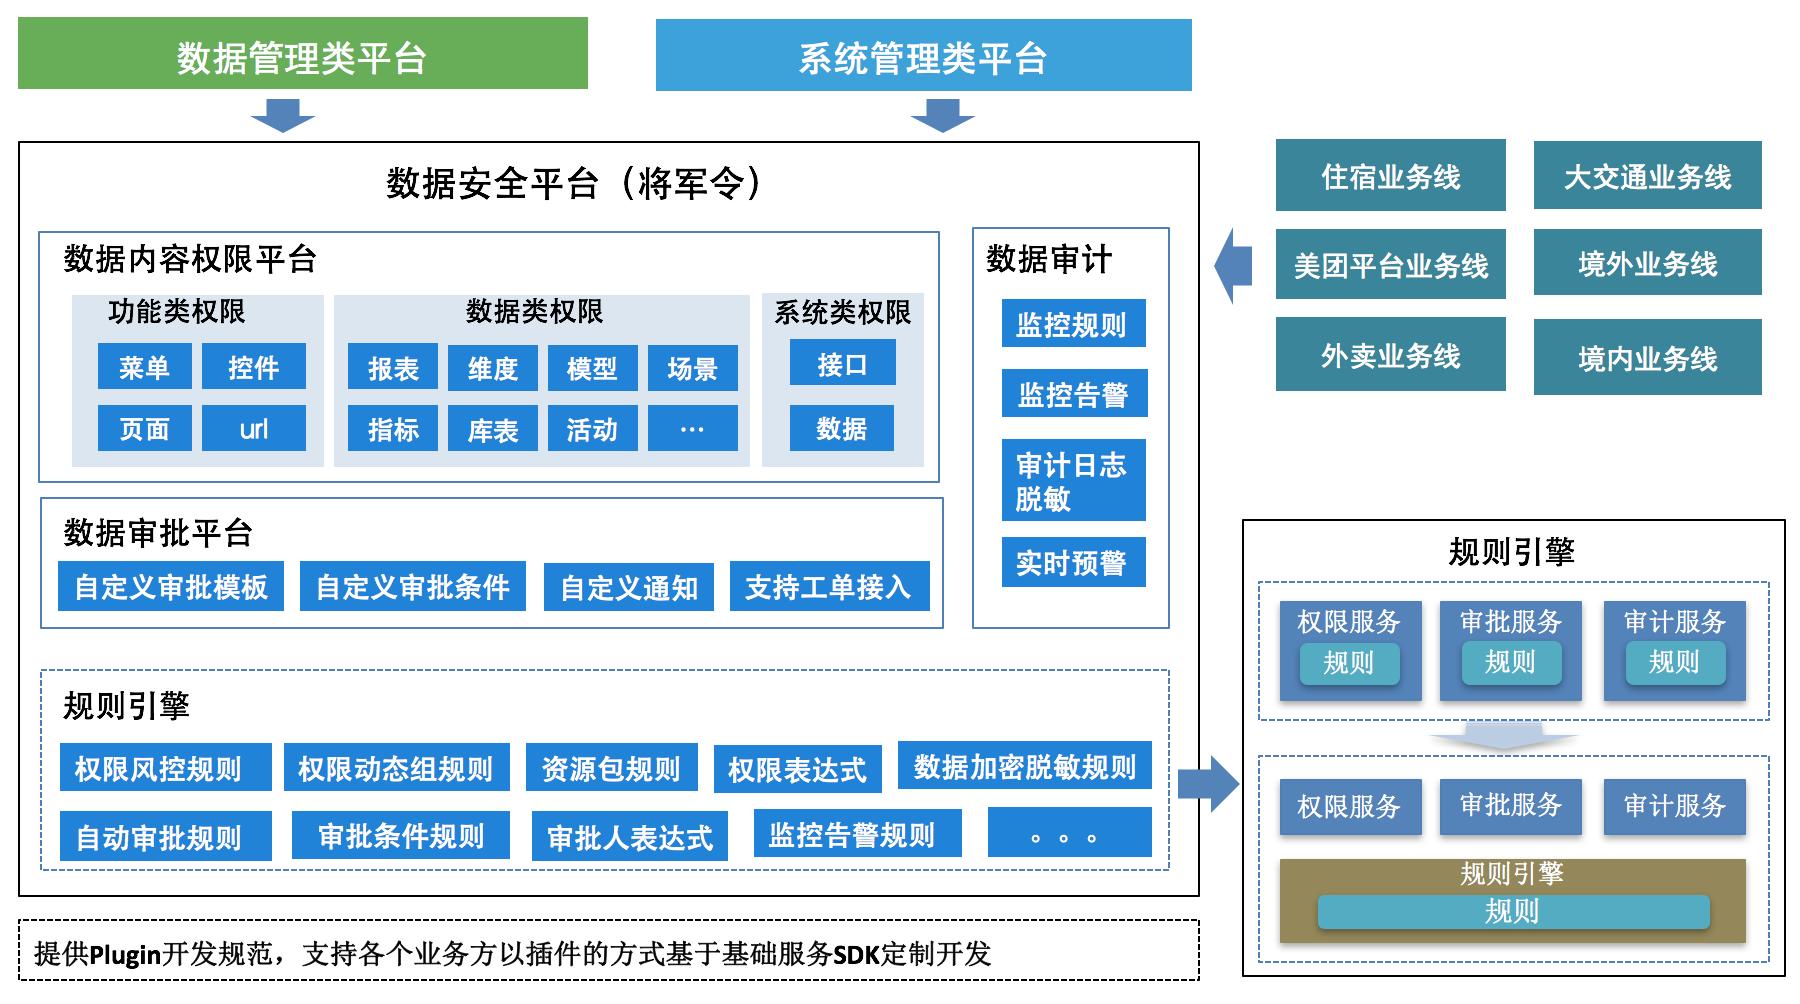 图17 总体架构与展望